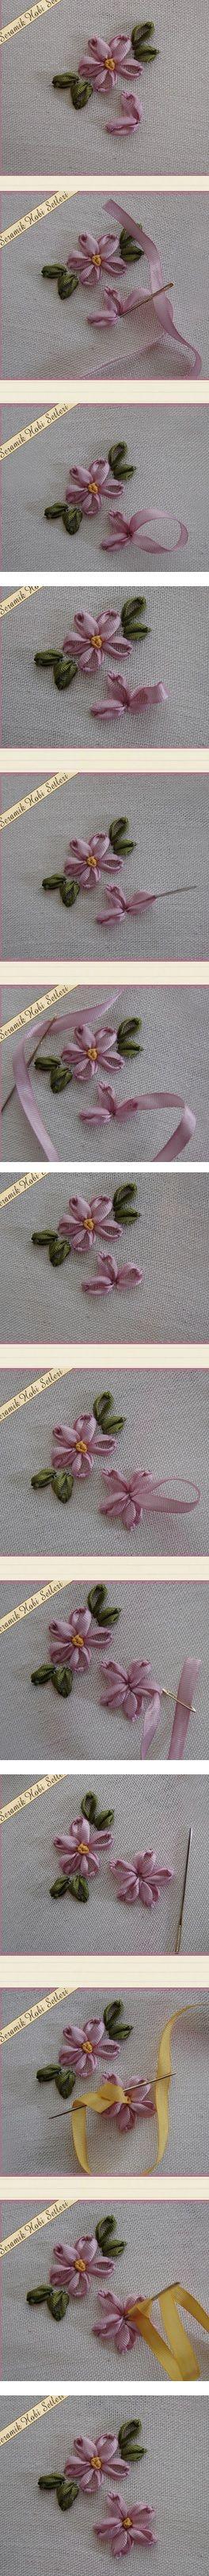 Dainty ribbonwork Daisy.                                                       …